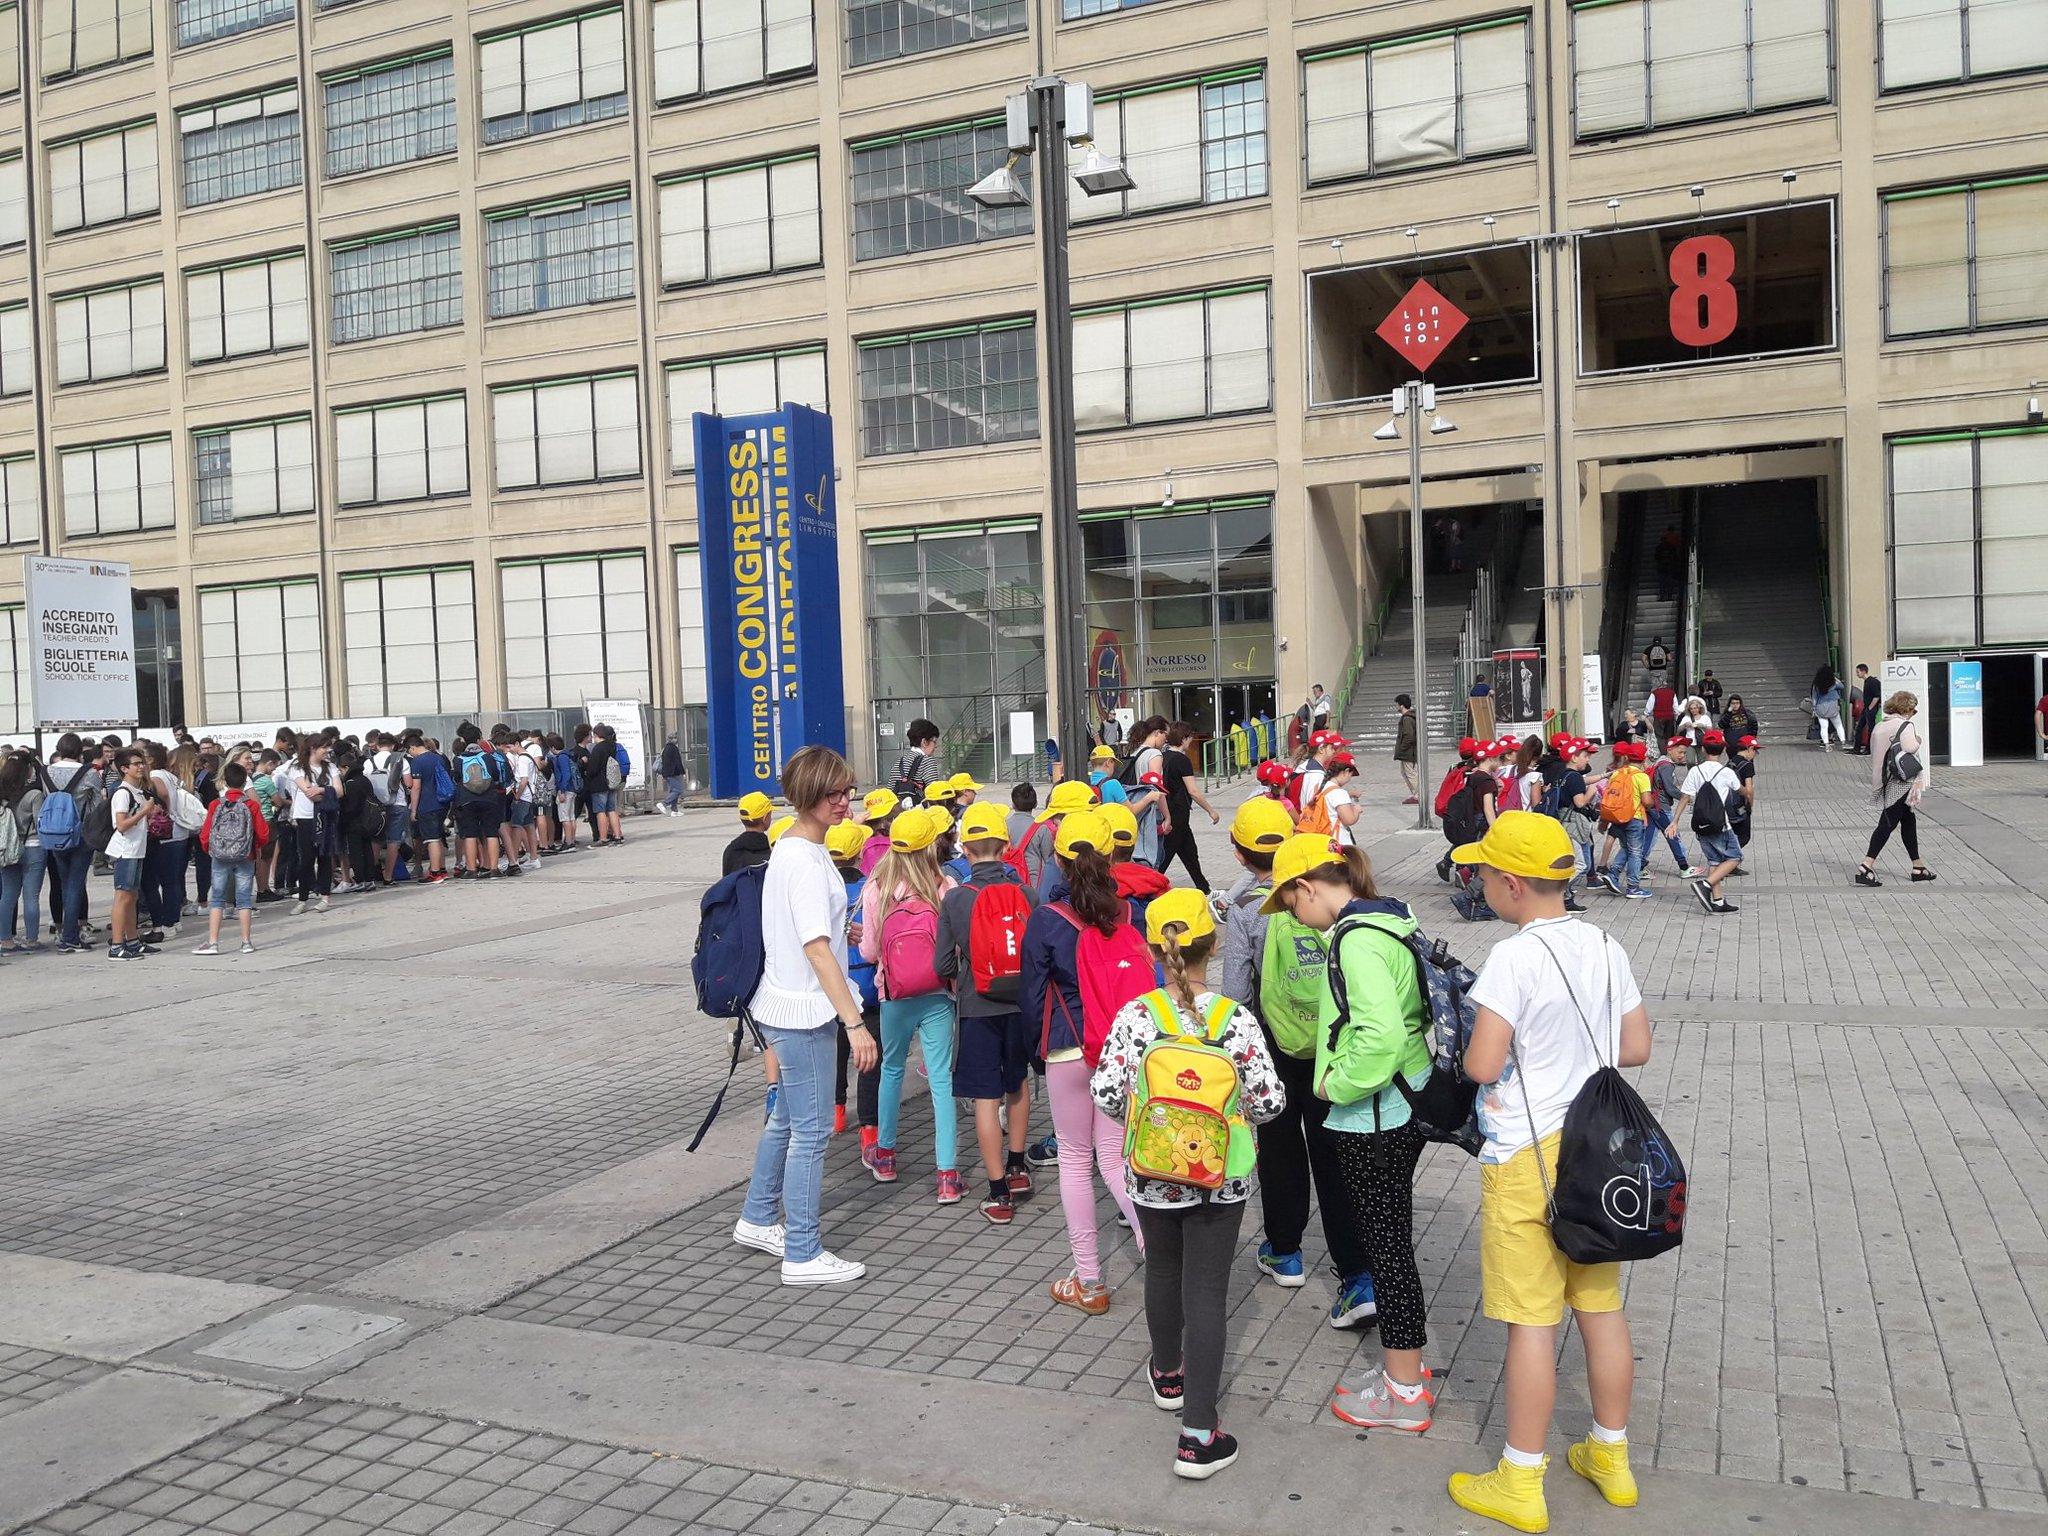 Qui Lingotto. I bambini, tanti. Le code, già lunghissime. E apriamo alle 10. Ciao Milano, con affetto. #SalTo30  @eleusaltorino https://t.co/57I4uzxCKF